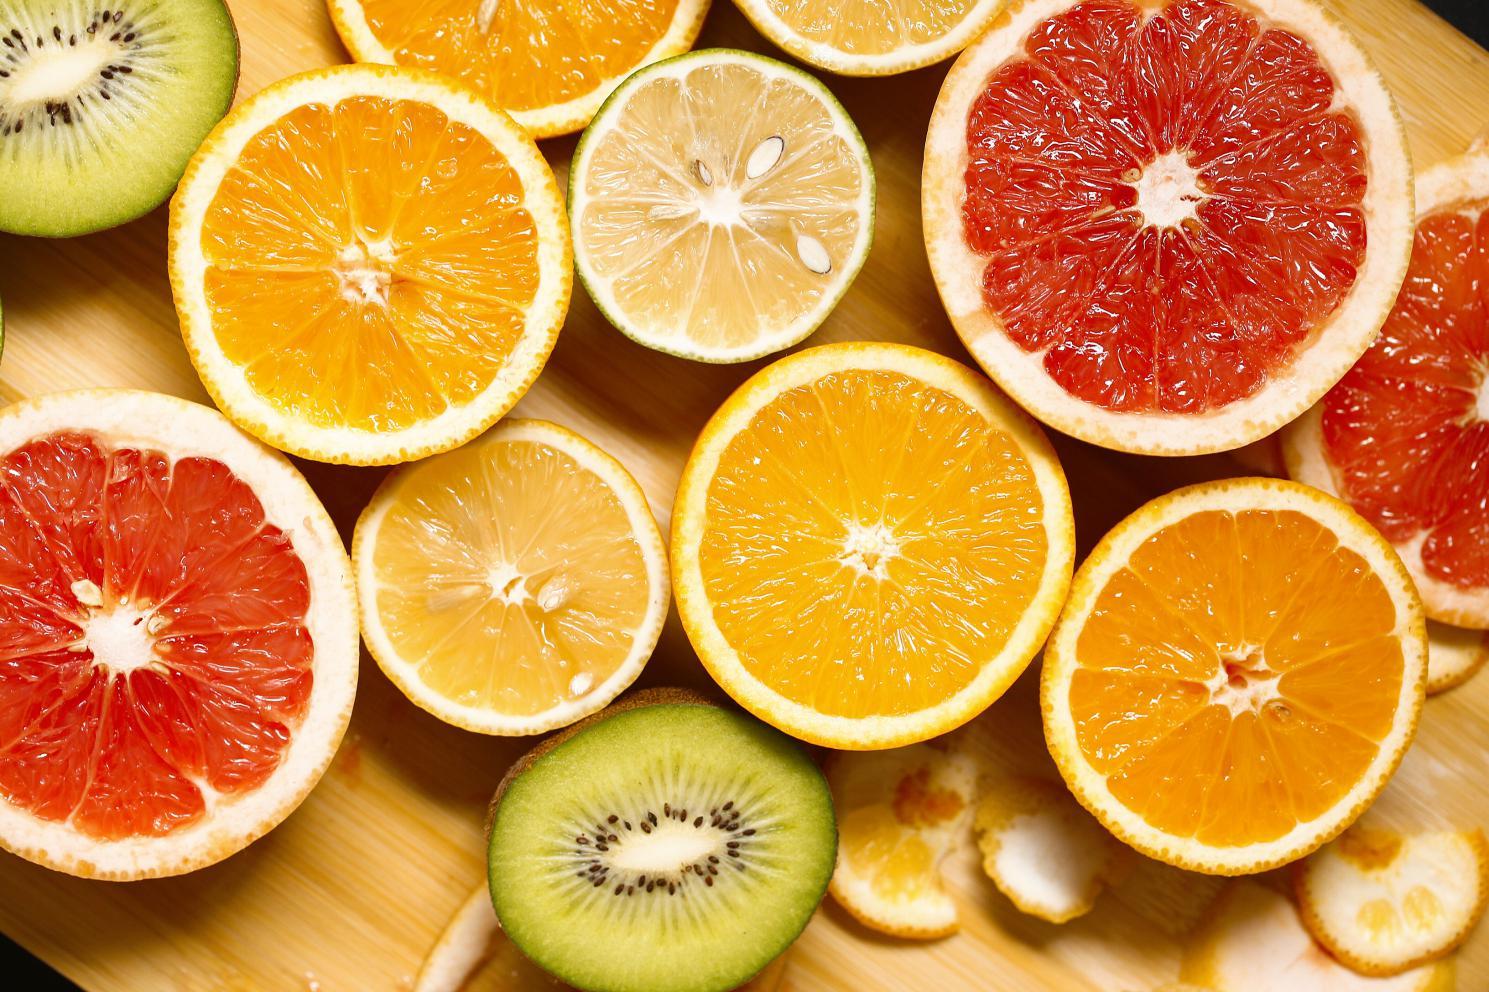 常吃水果的好处_营养常识_健康一线